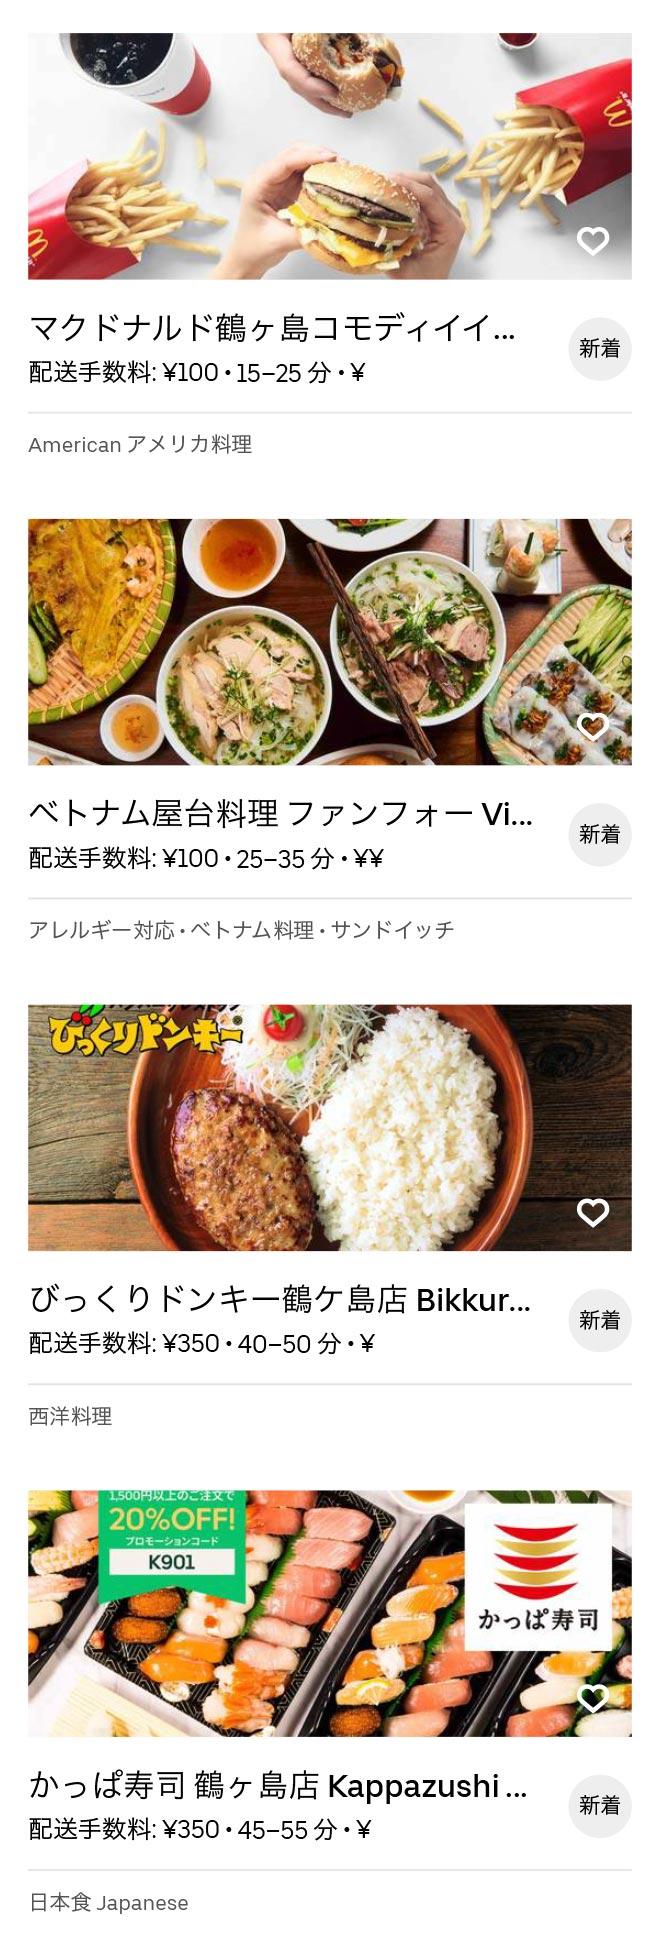 Tsurugashima menu 2010 01